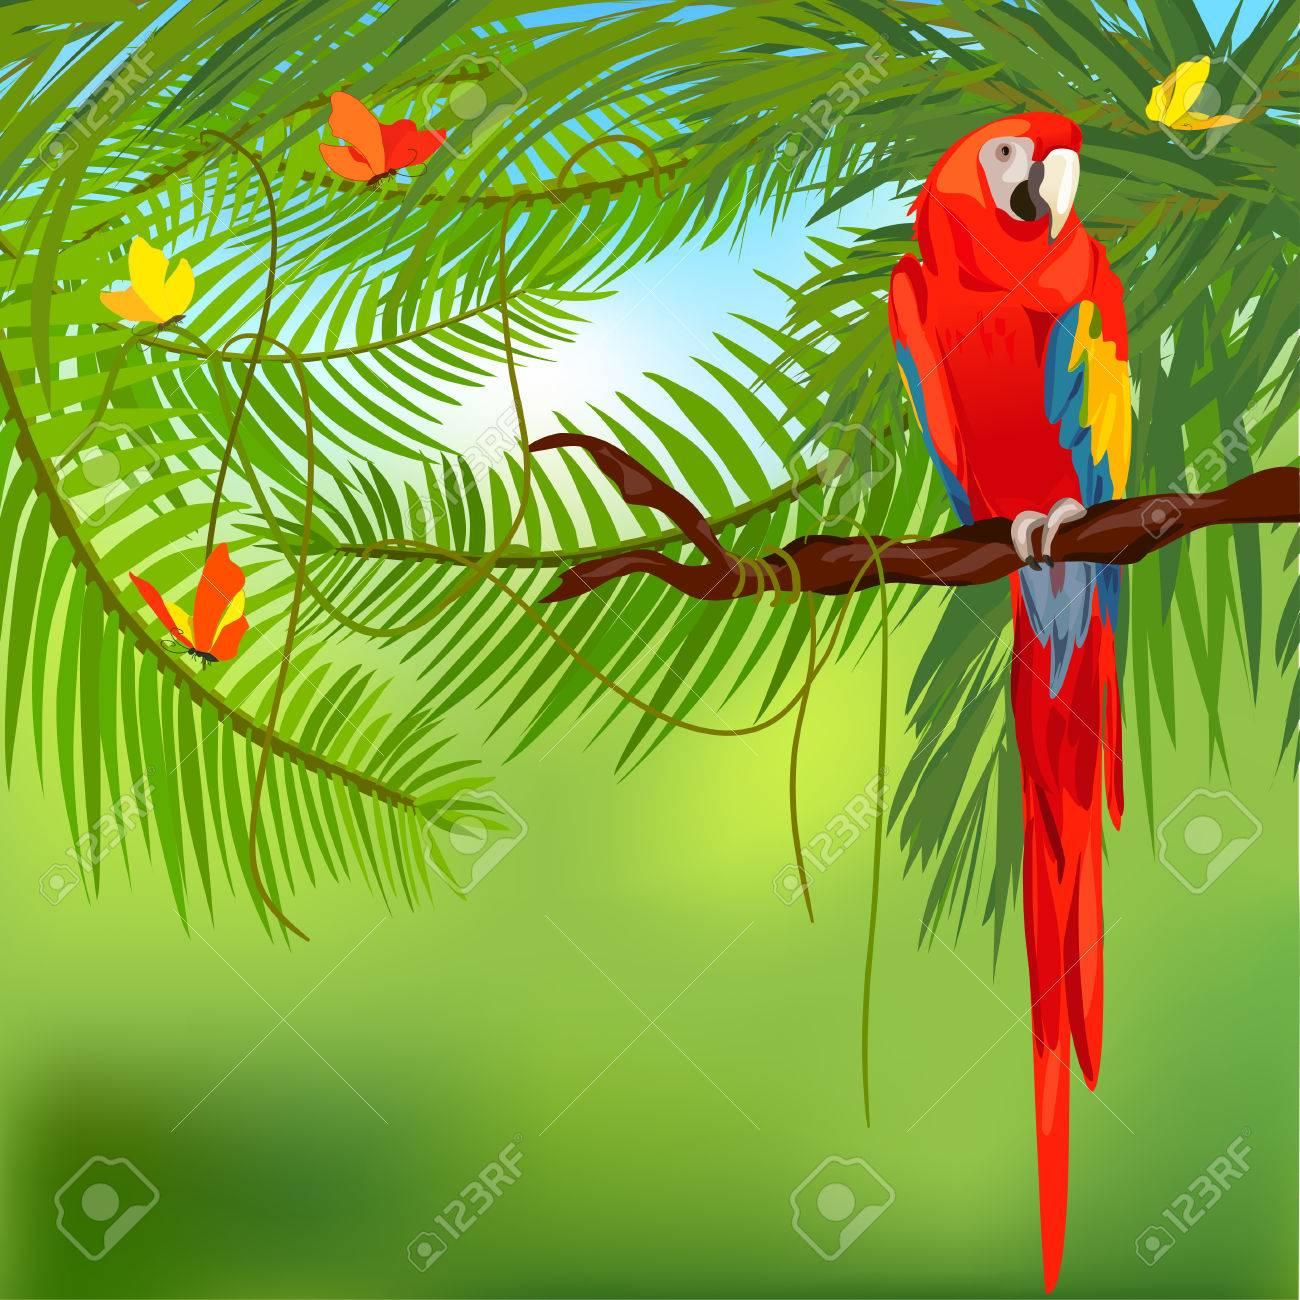 rainforest and parrot. Standard-Bild - 29777661